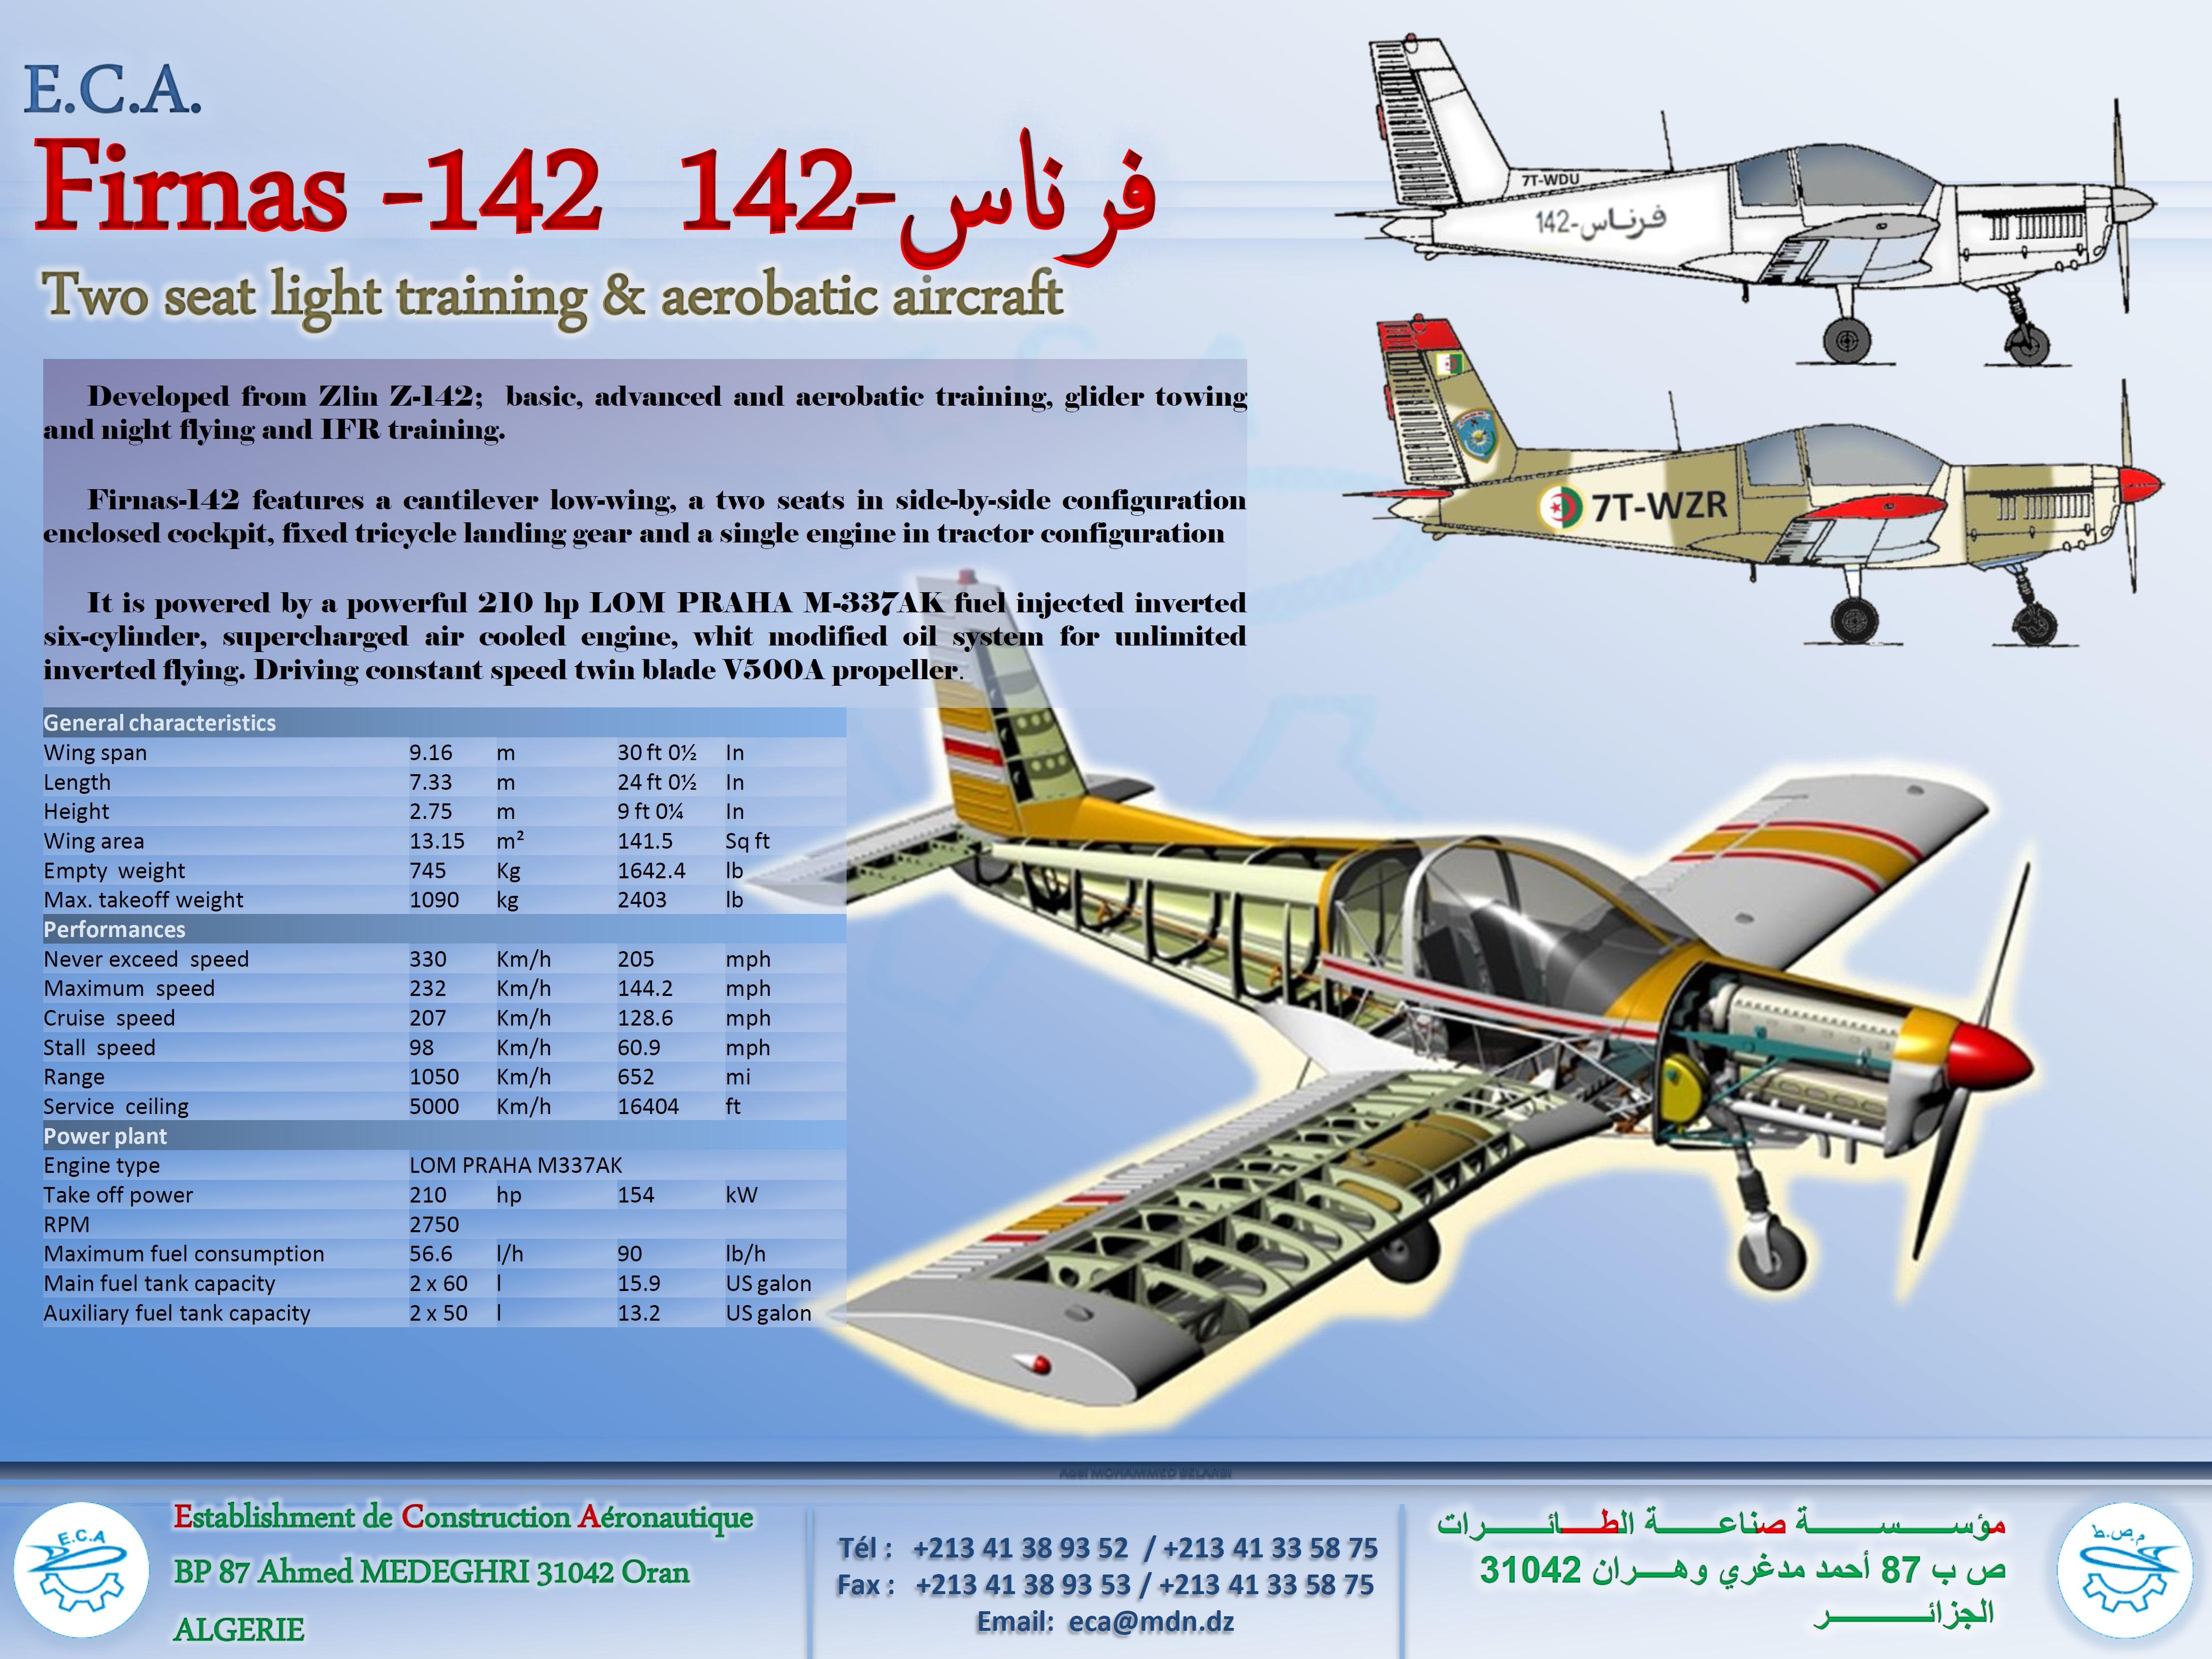 مؤسسة صناعة الطائرات من التركيب الى التصنيع بسواعد جزائرية 283320firnas142-jpg